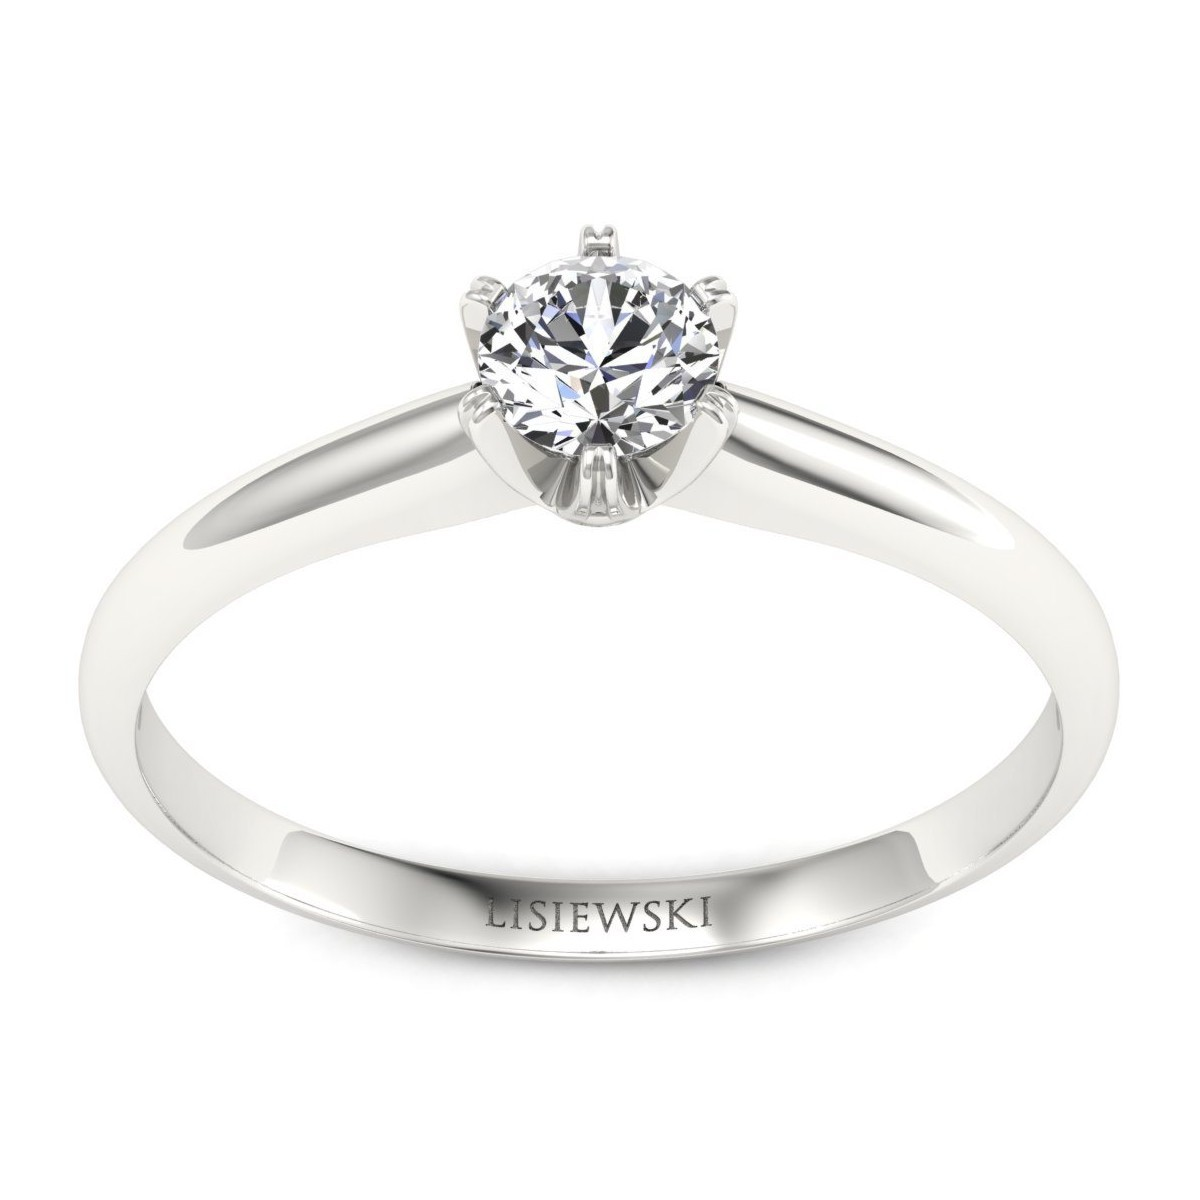 Platynowy pierścionek z diamentem